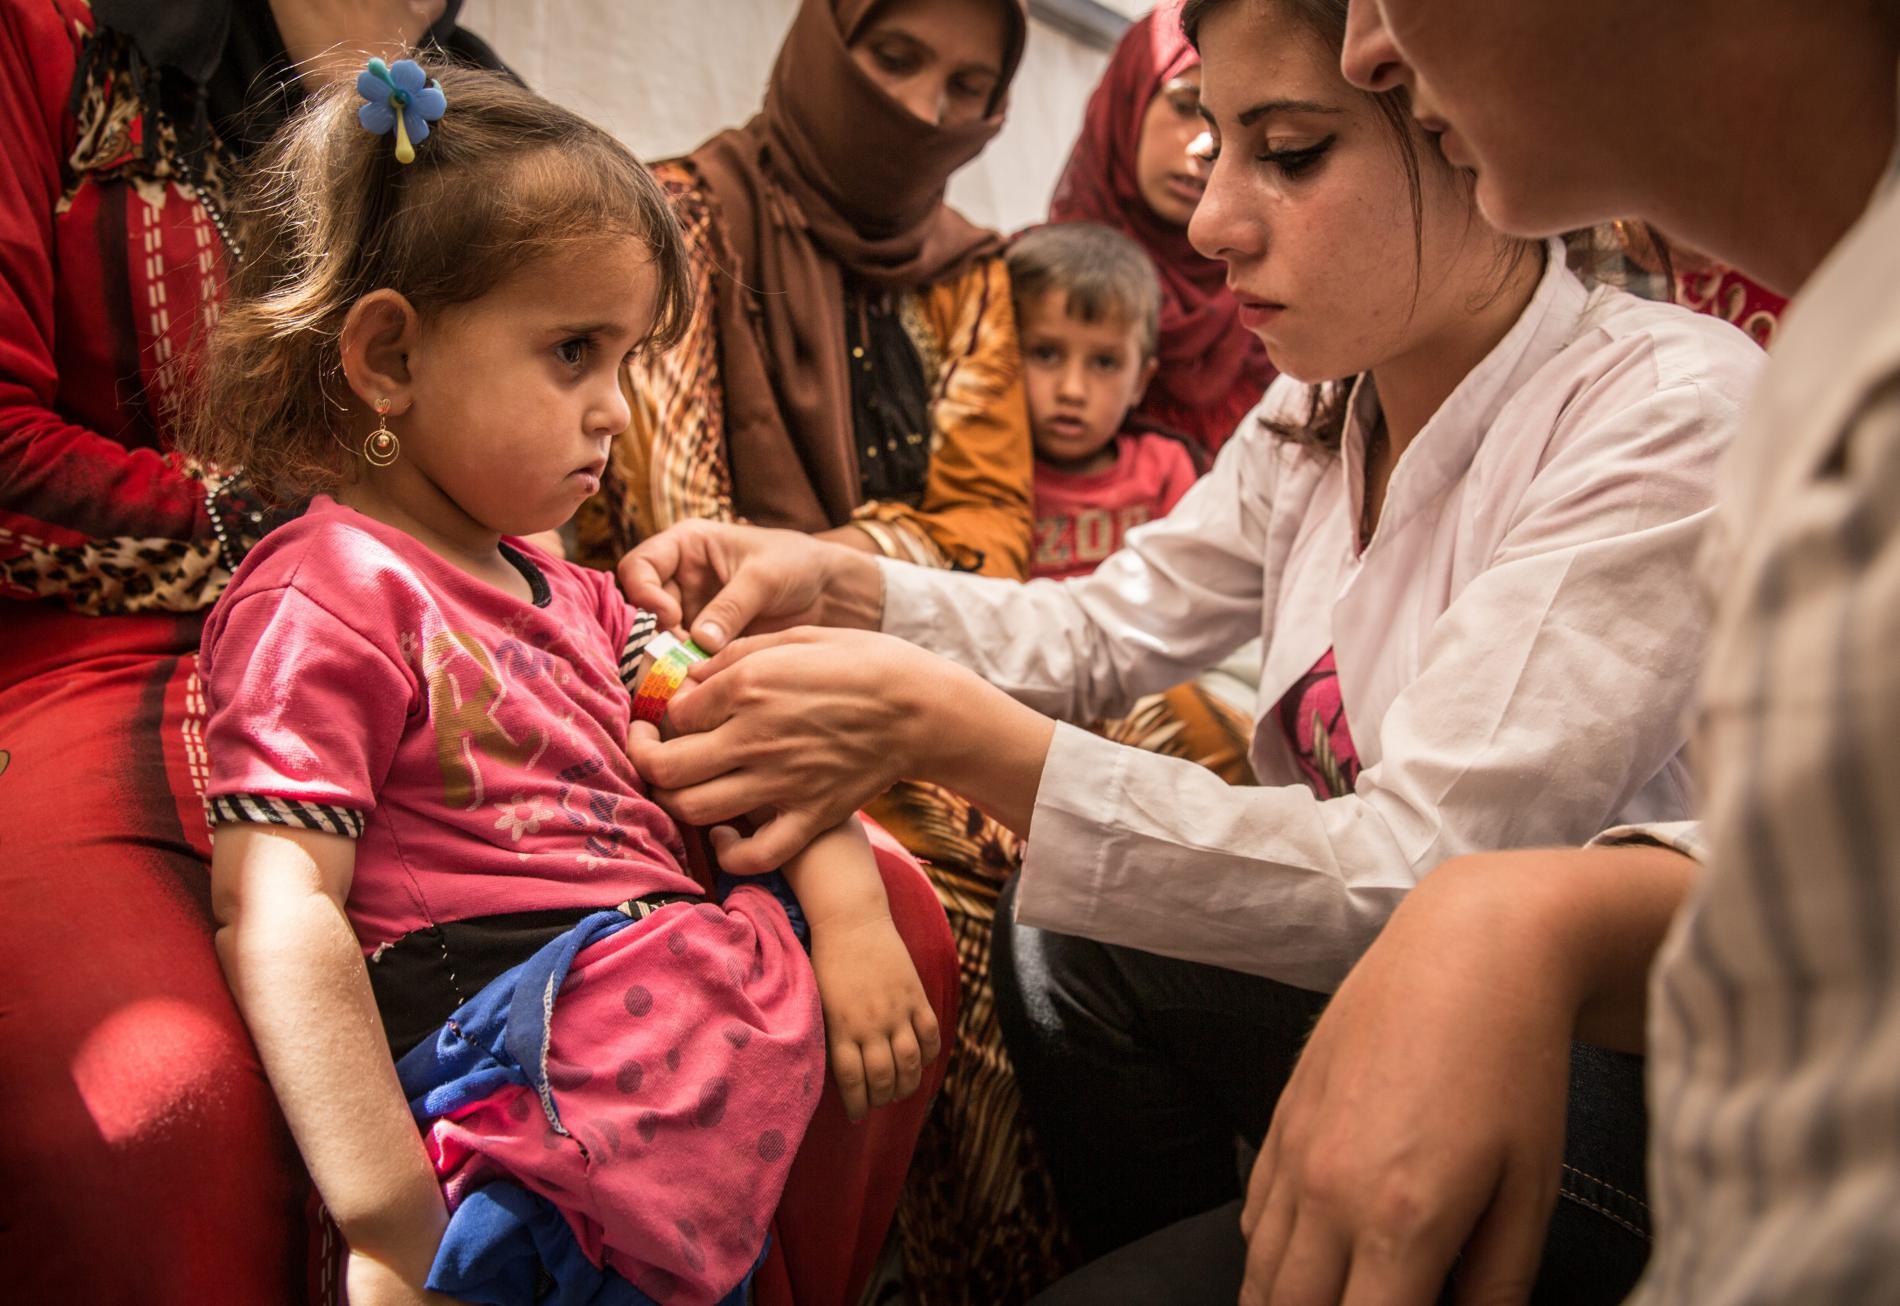 Dans le camp de réfugiés d'Ain Issa (Syrie), une médecin de l'ONG Médecins sans frontières ausculte une petite fille qui a fui Raqqa avec sa famille, le 8 juillet 2017.